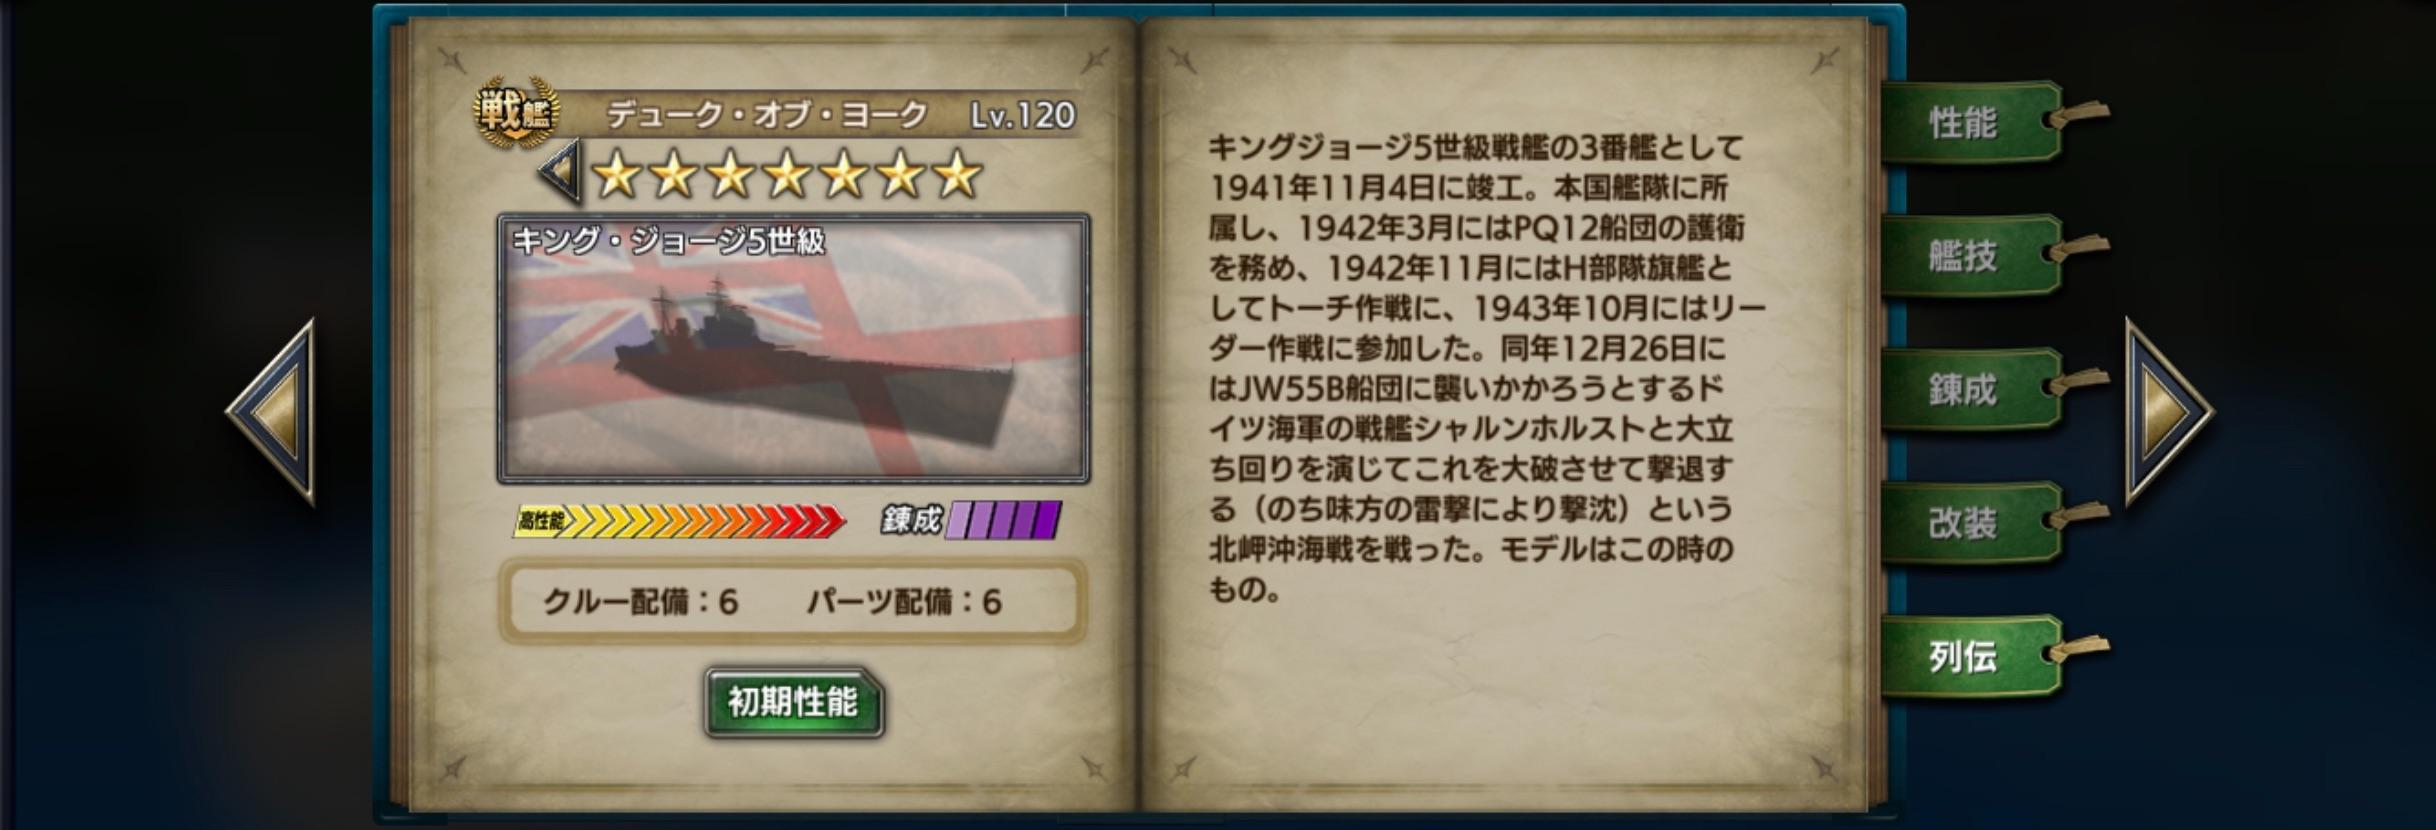 Duke_of_York-history